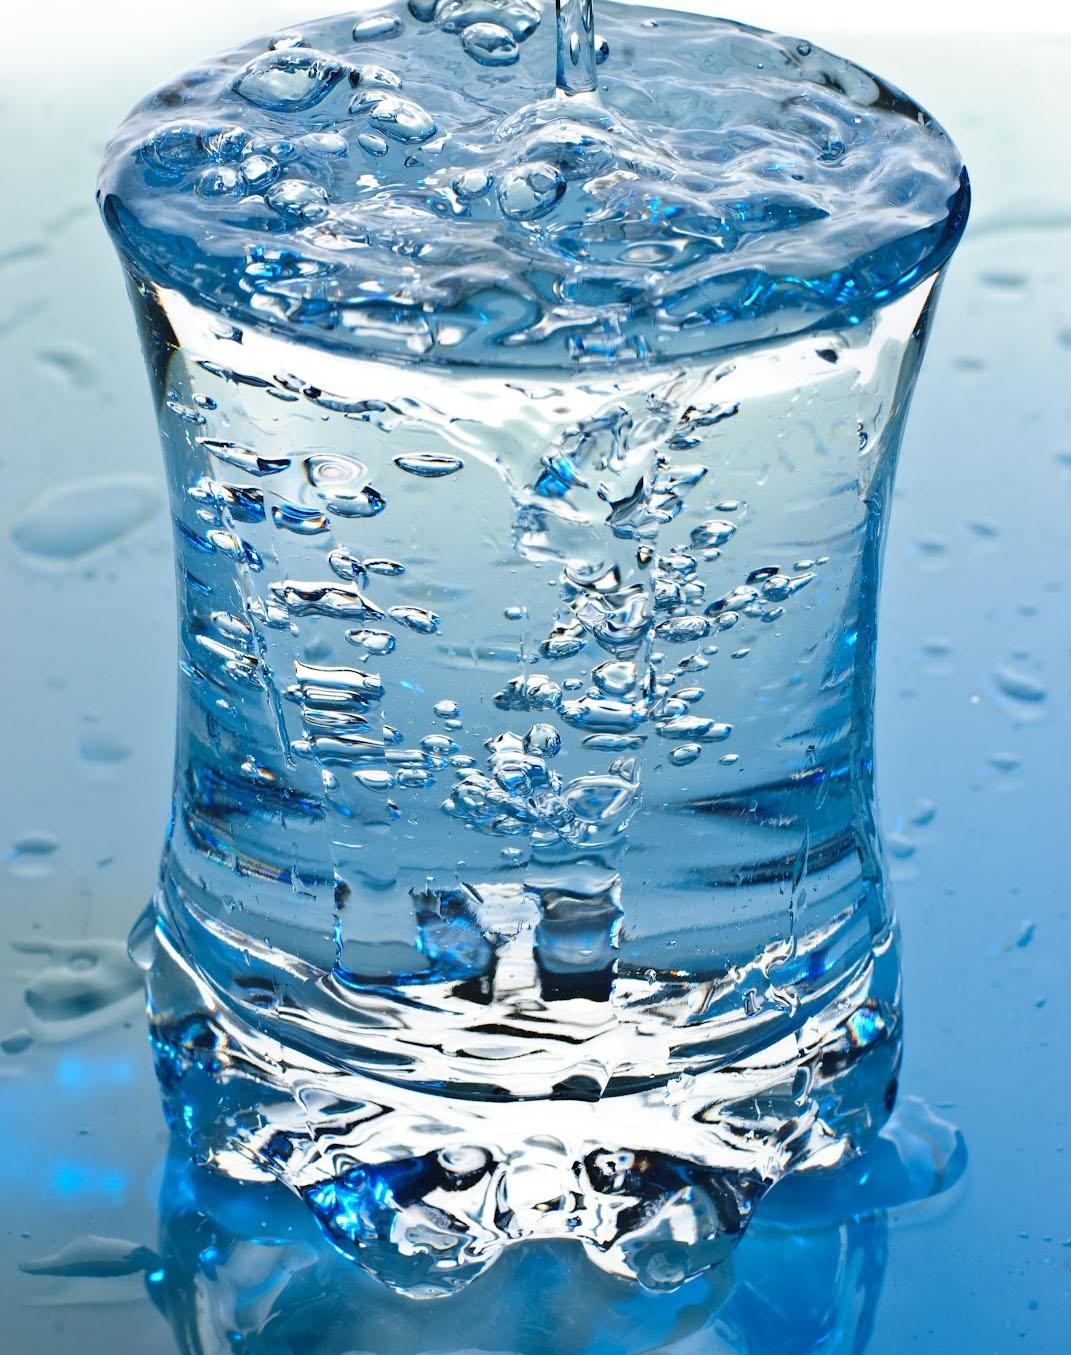 Экспертиза воды в Москве. Где провести проверку качества воды